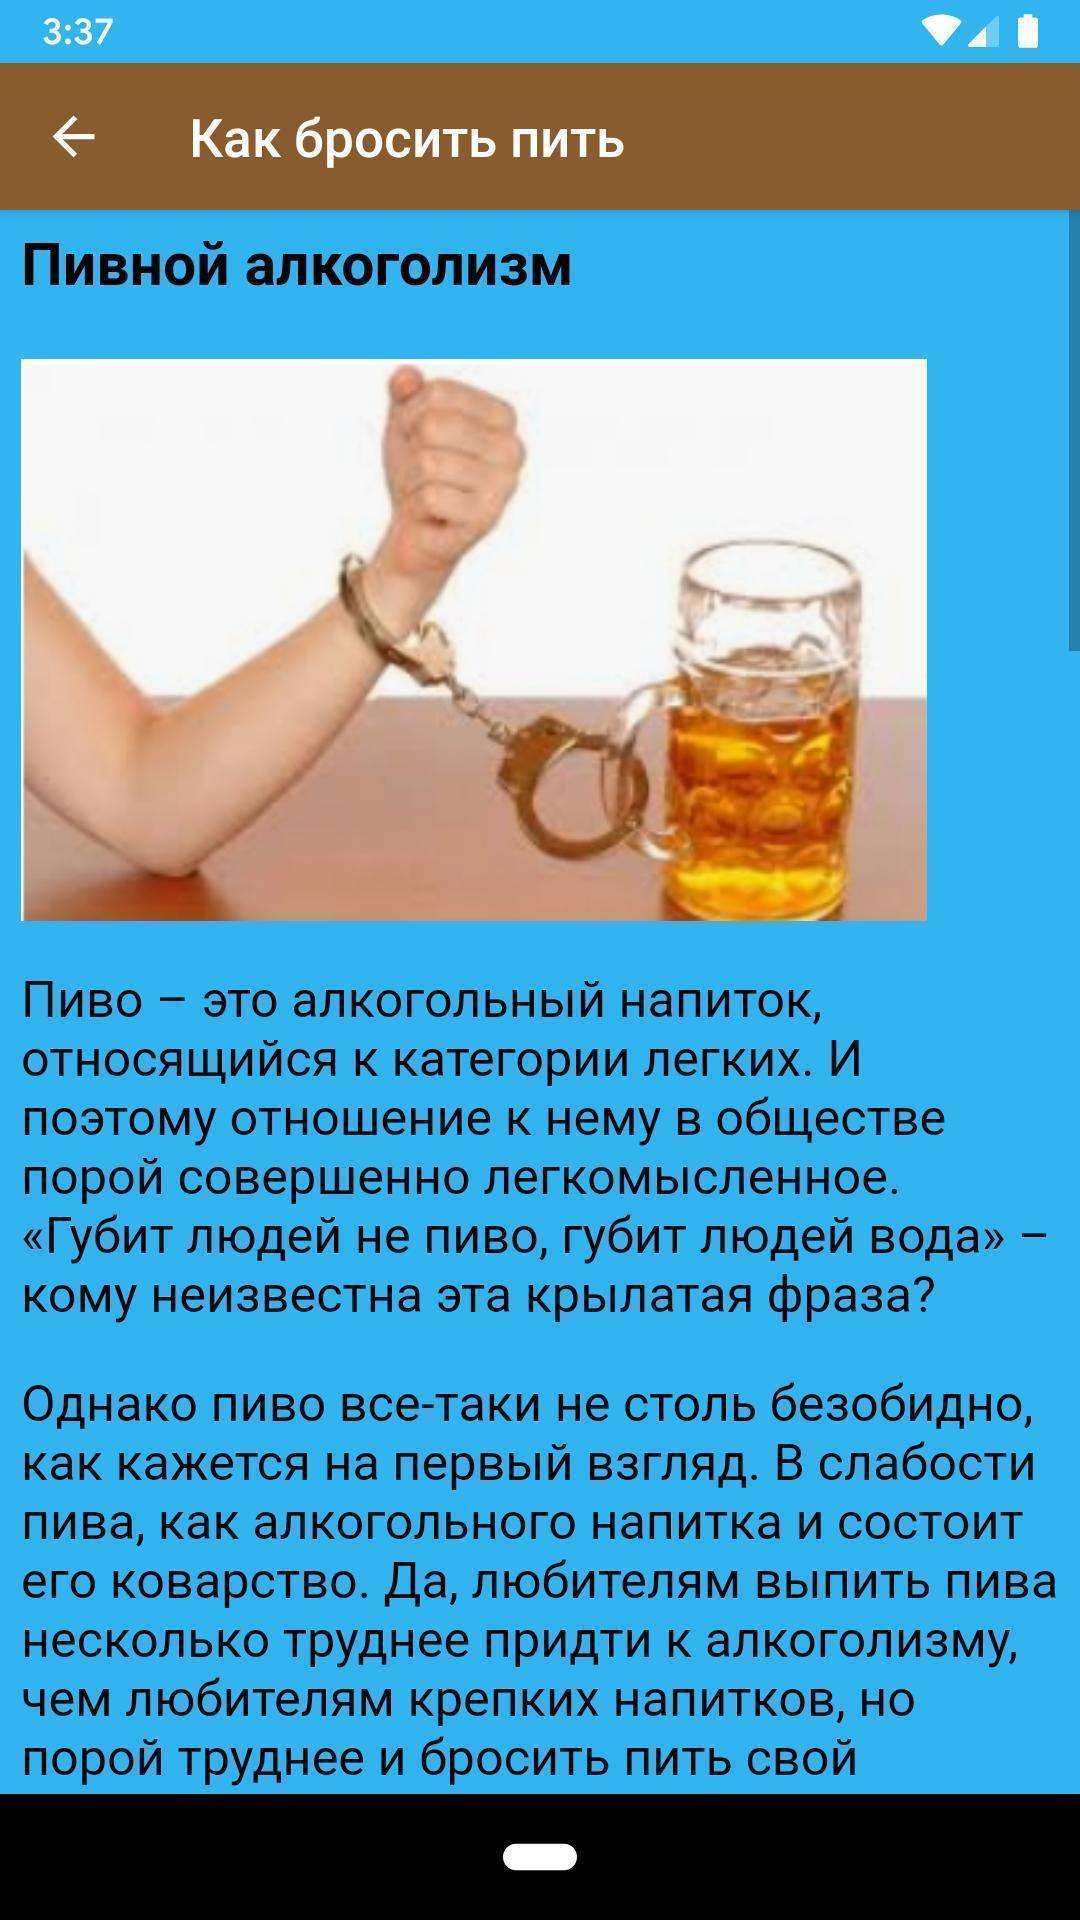 Как бросить пить алкоголь? навсегда станьте трезвыми!